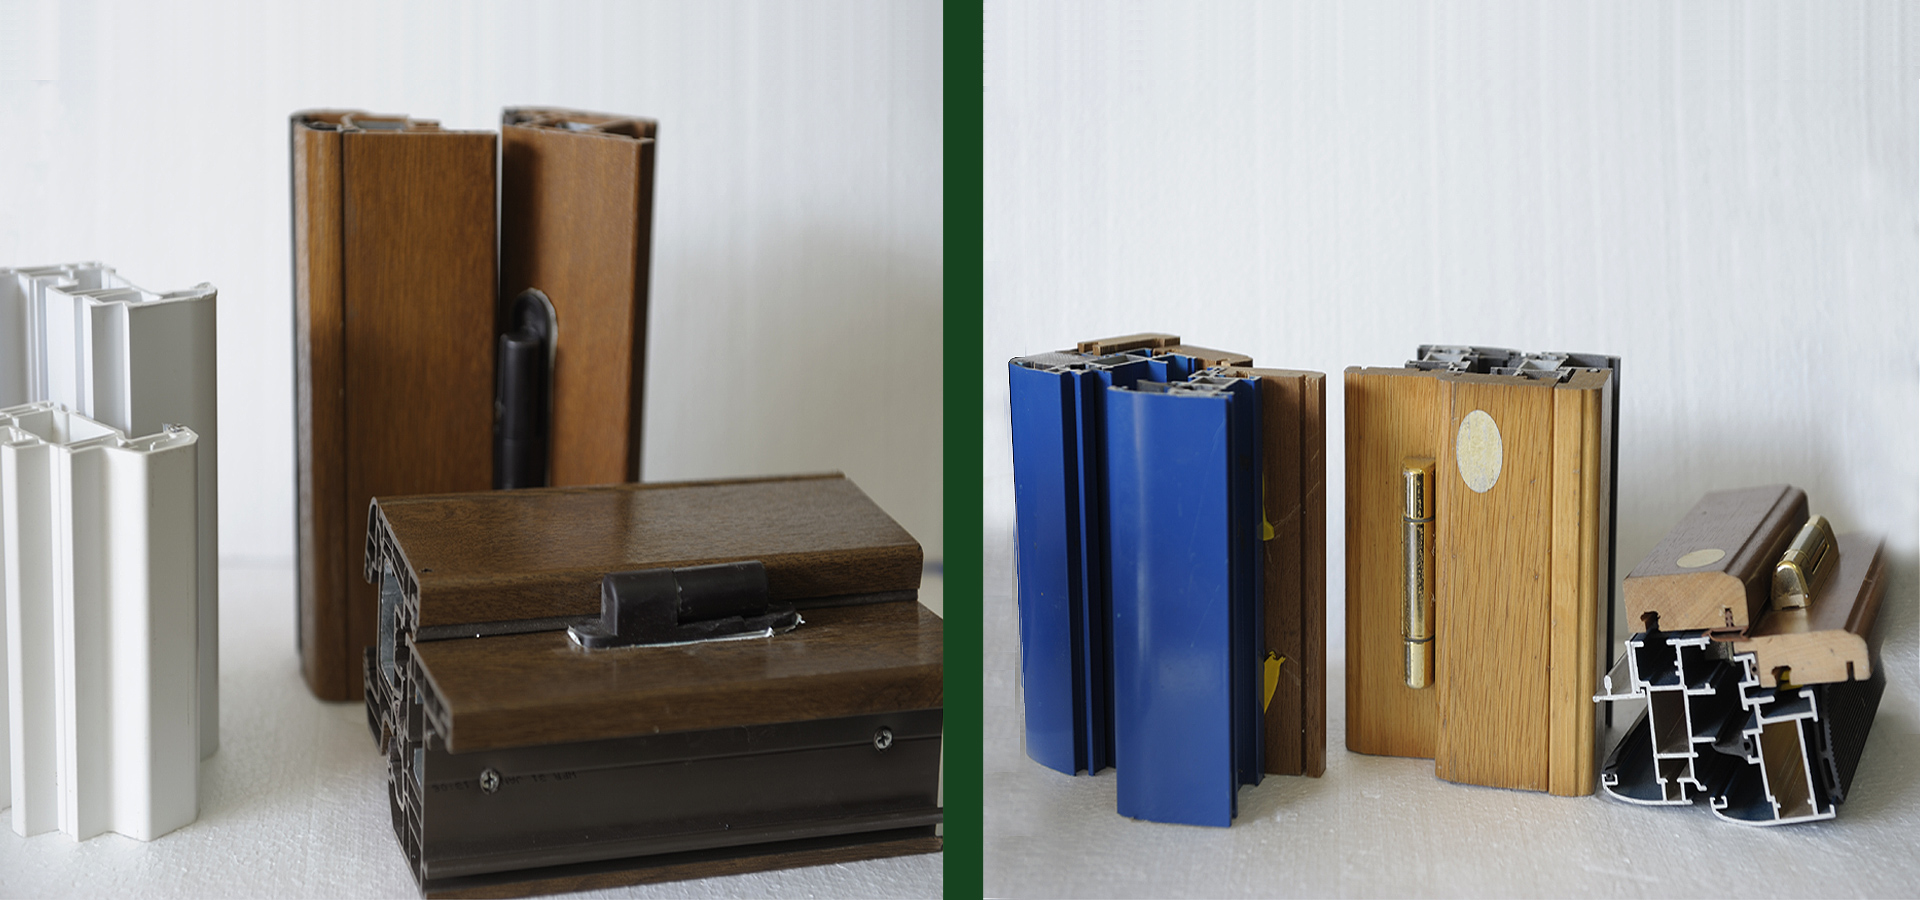 Infissi in alluminio - legno e taglio termico